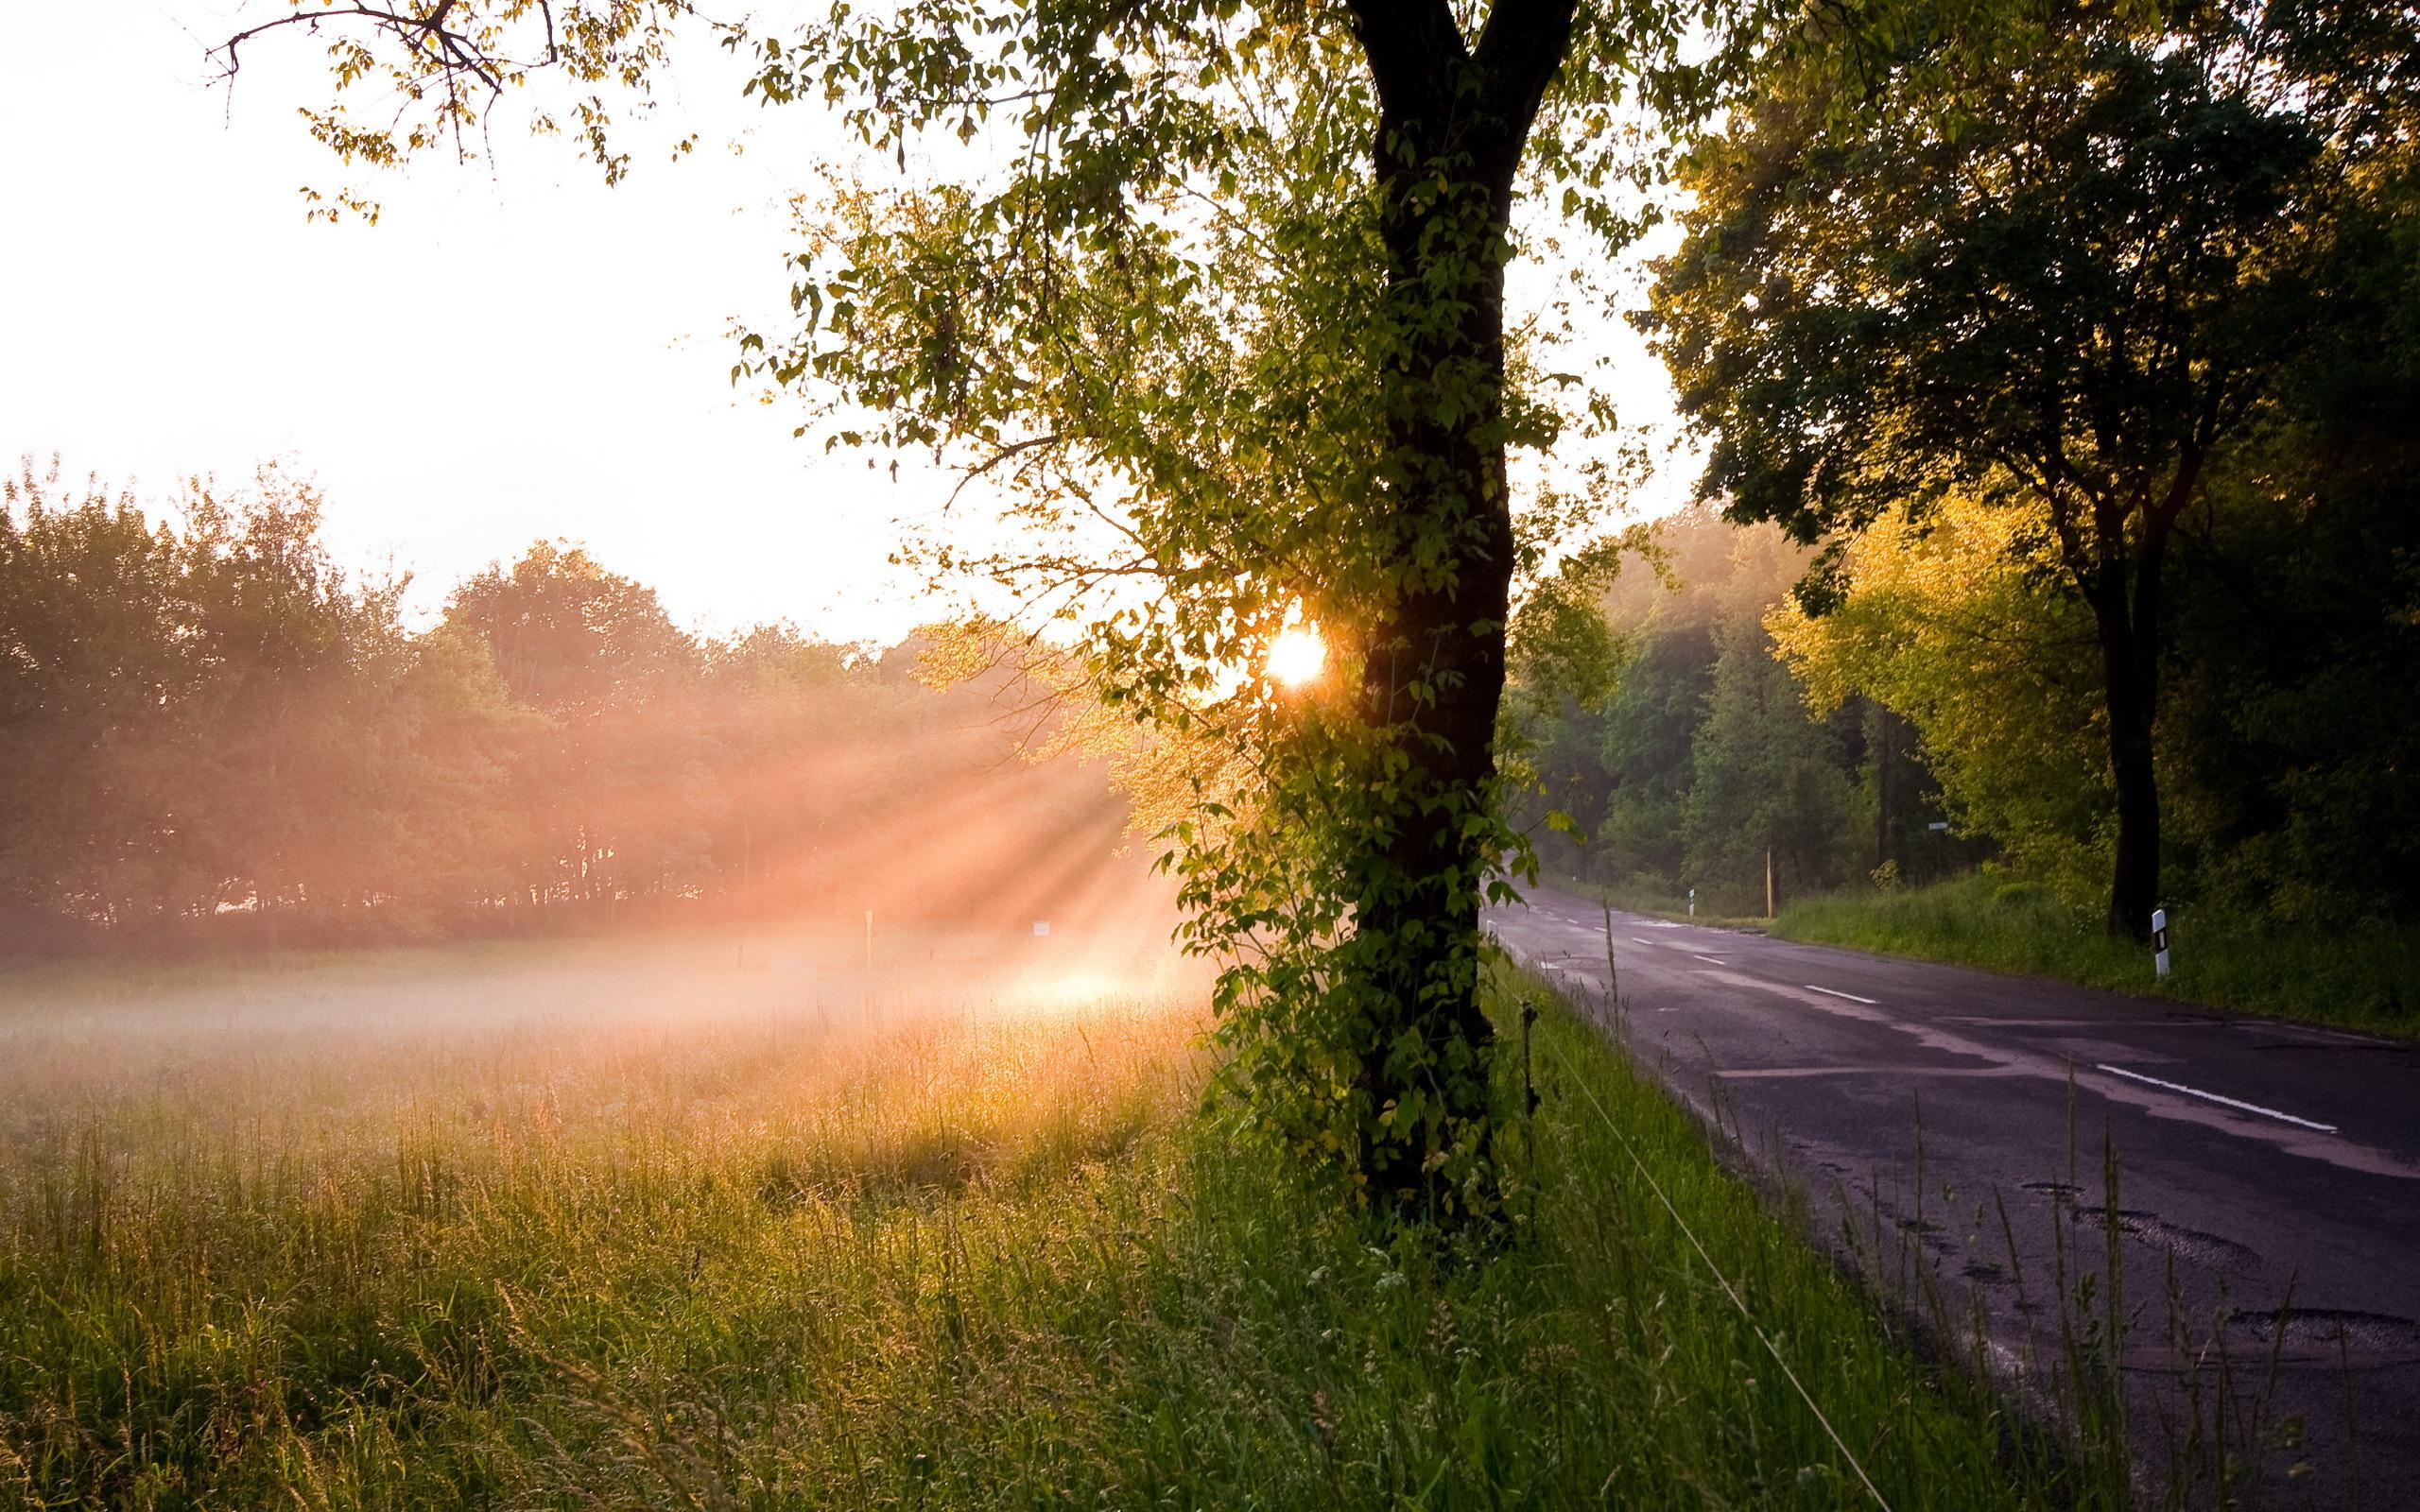 дорога, солнце, трава, деревья  № 3117705  скачать